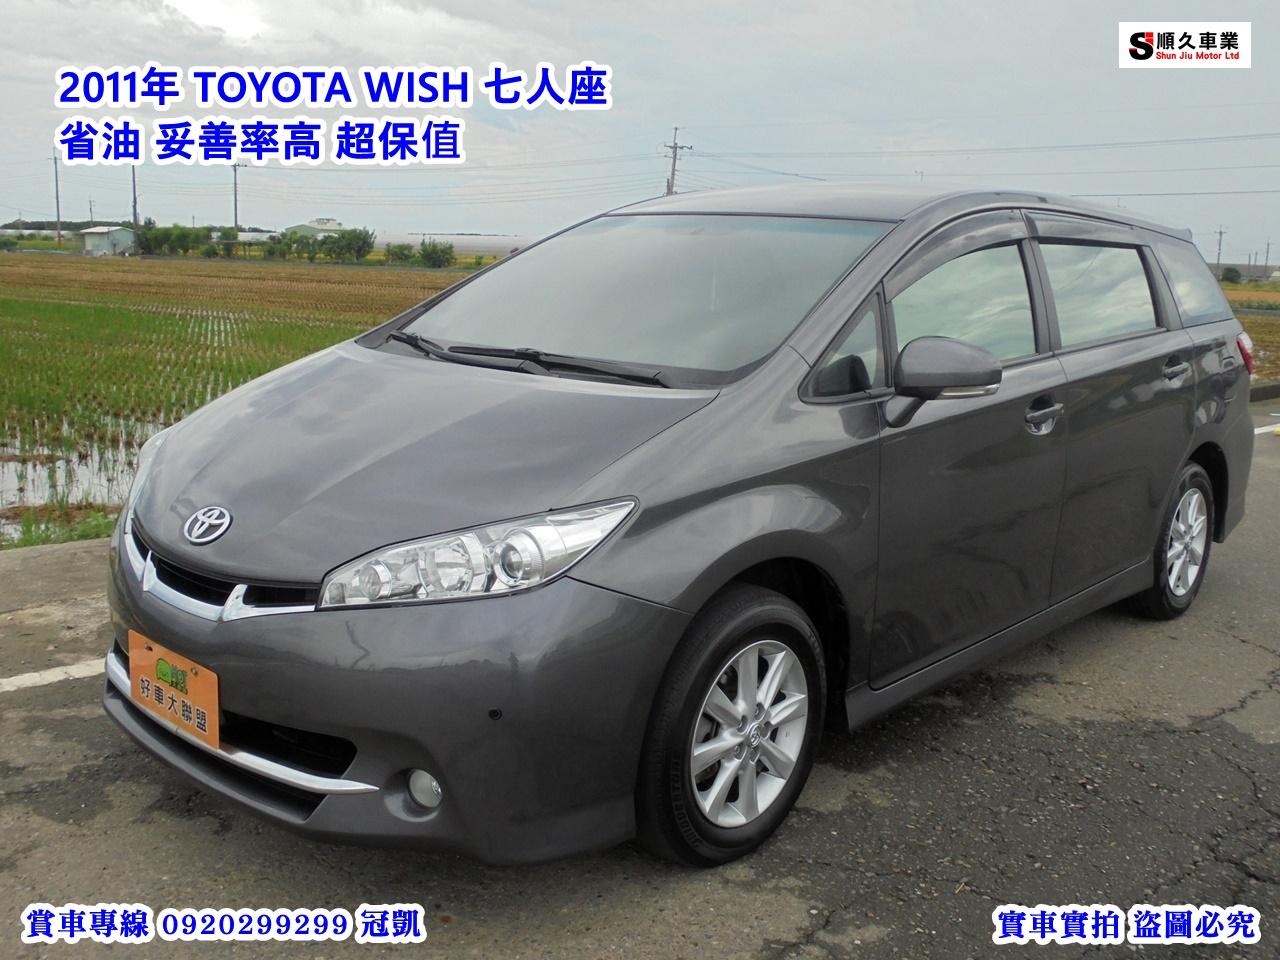 2011 Toyota Wish